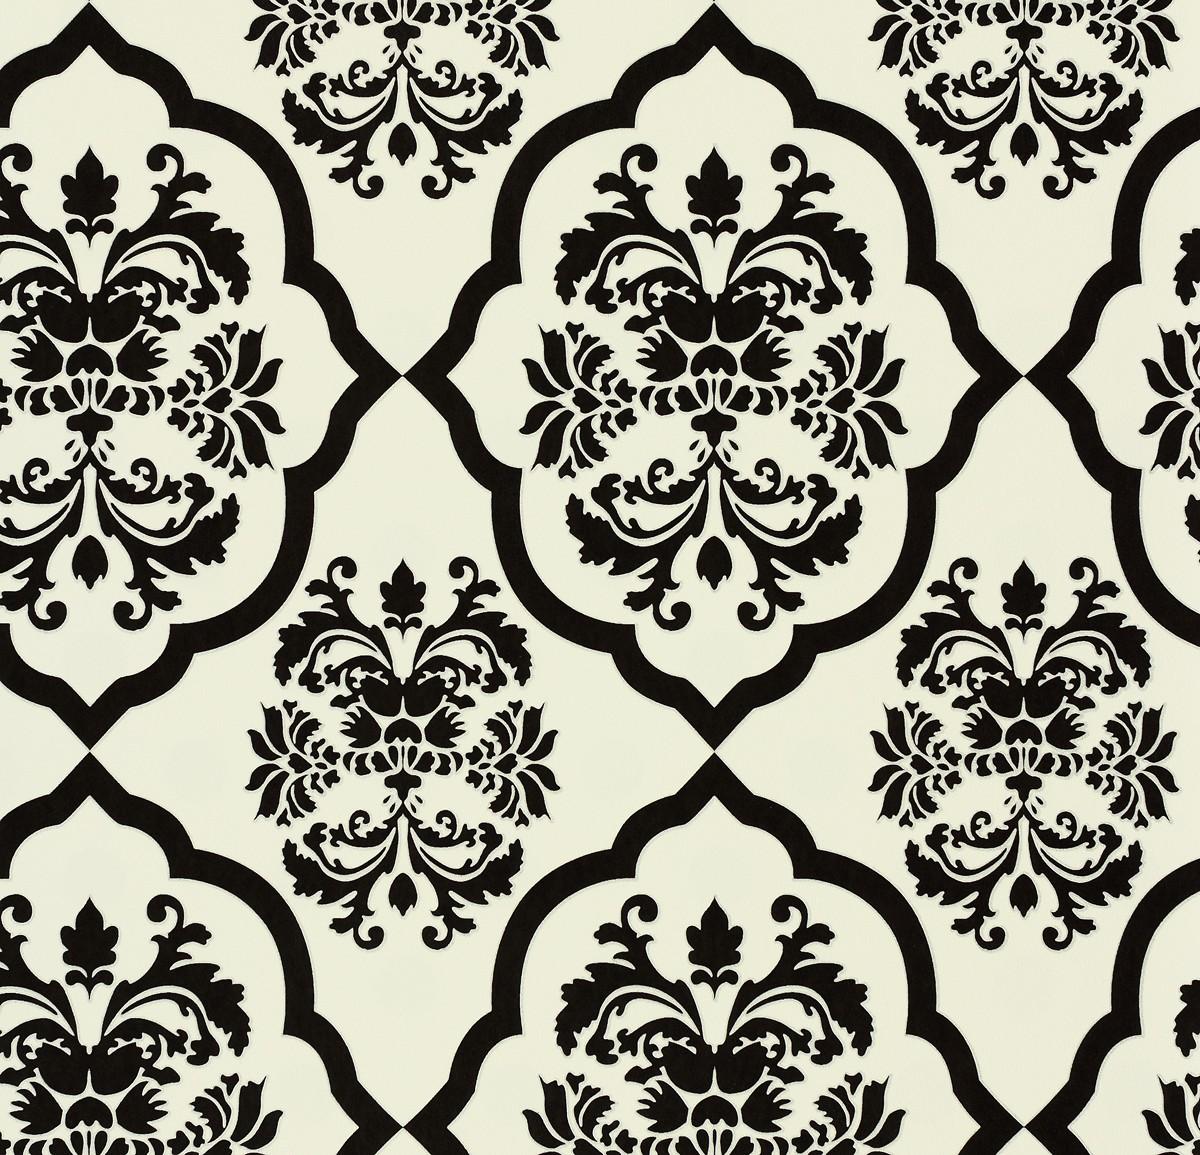 vliestapete naf naf a s cr ation tapete 95224 1 952241 barock wei schwarz 2 88 ebay. Black Bedroom Furniture Sets. Home Design Ideas